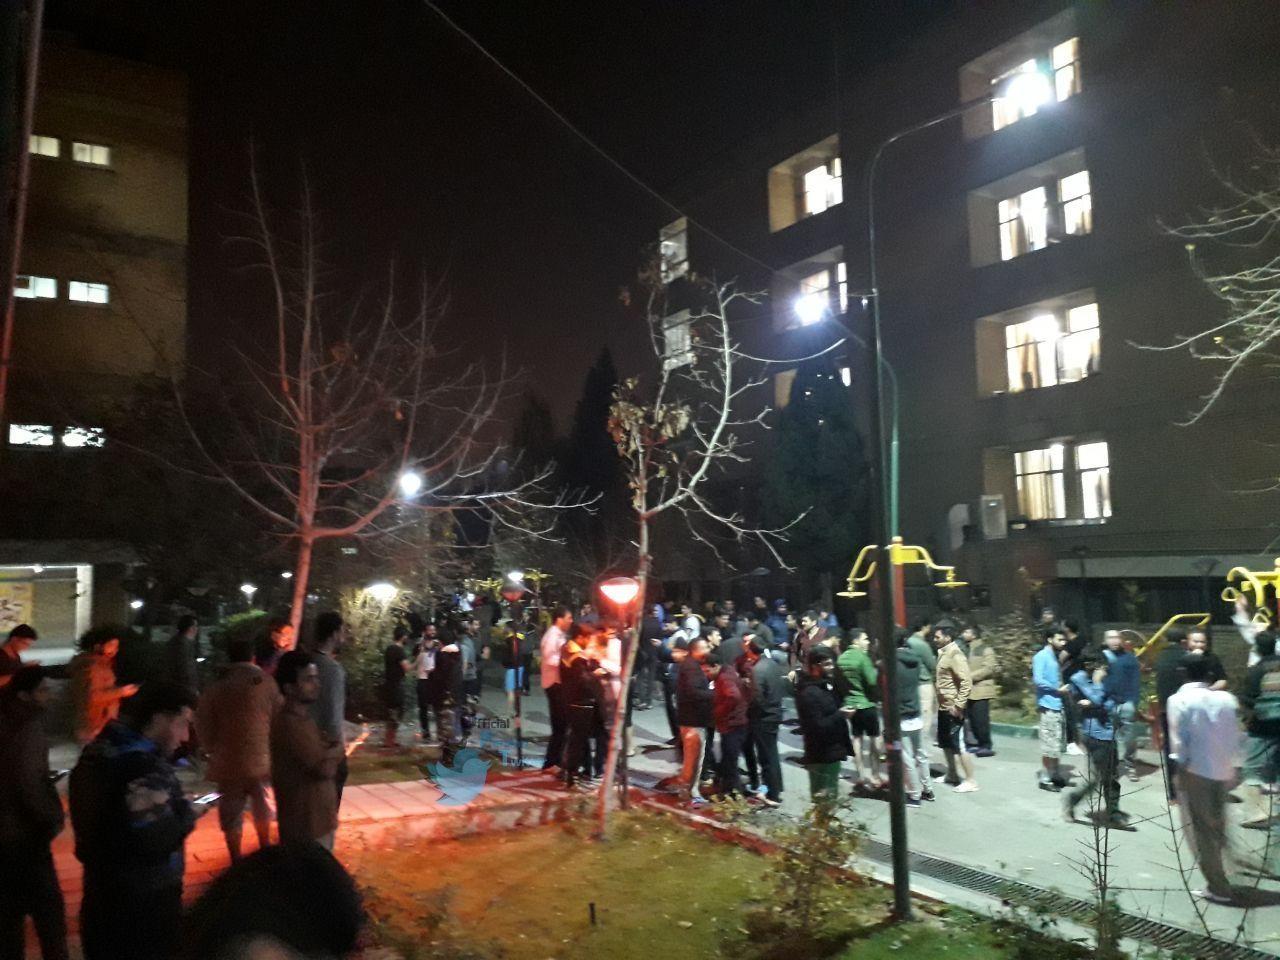 هجوم دانشجویان به حیاط خوابگاه دانشگاه علامه طباطبایی پس از زلزله + عکس